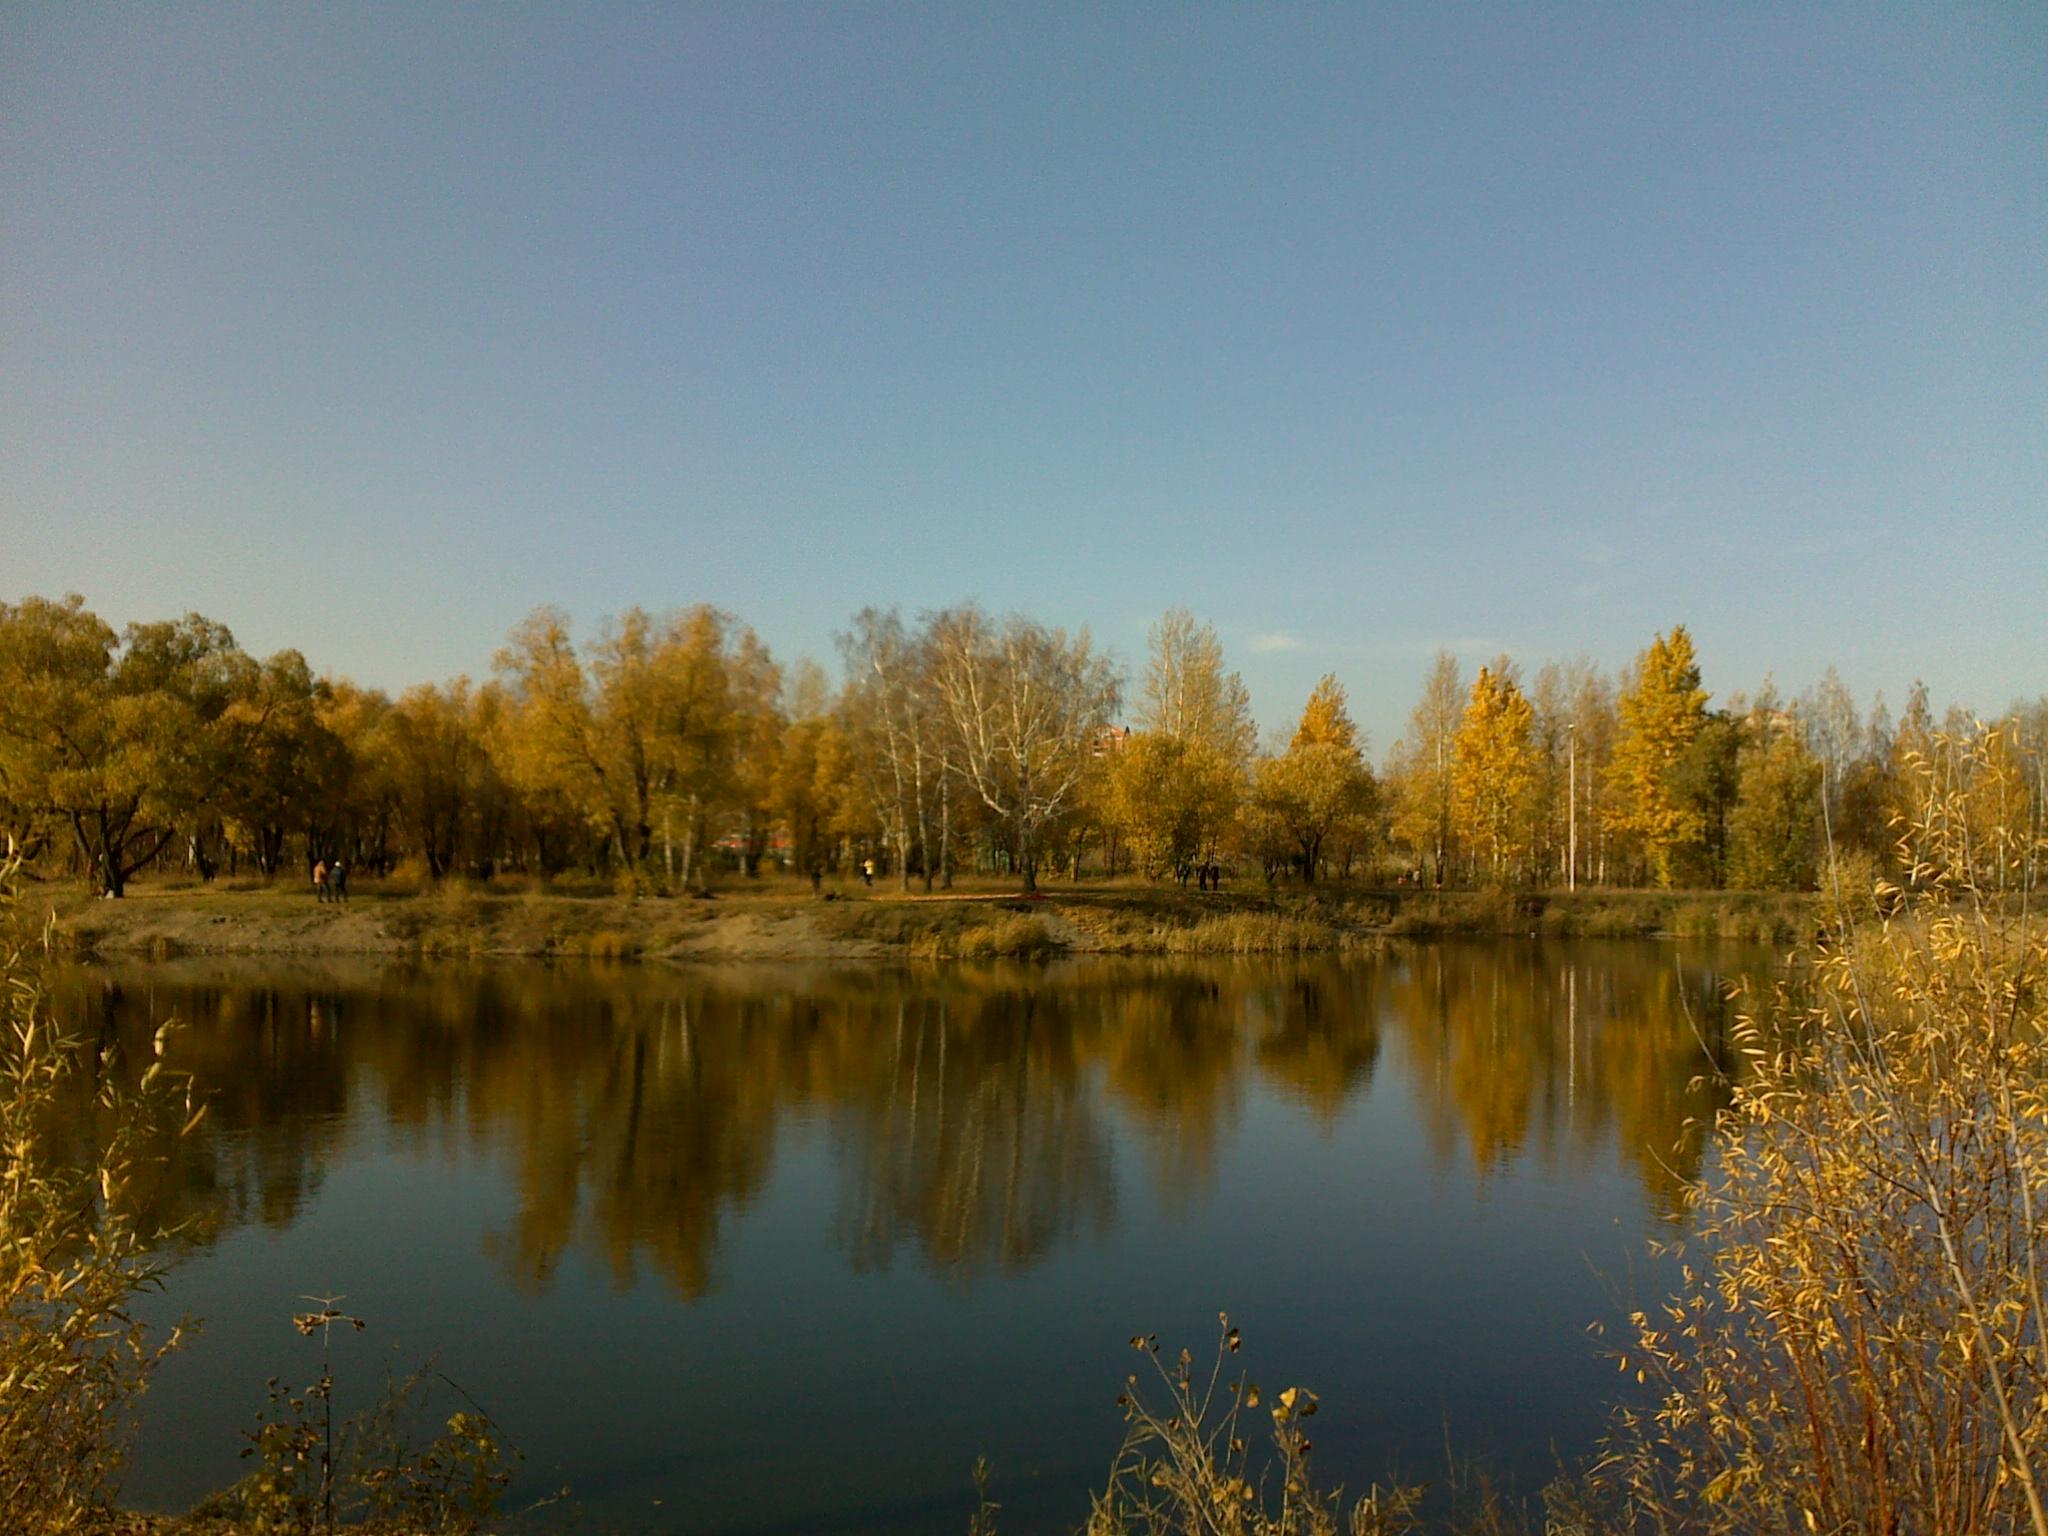 Осень в парке. Блиц: осенний пейзаж